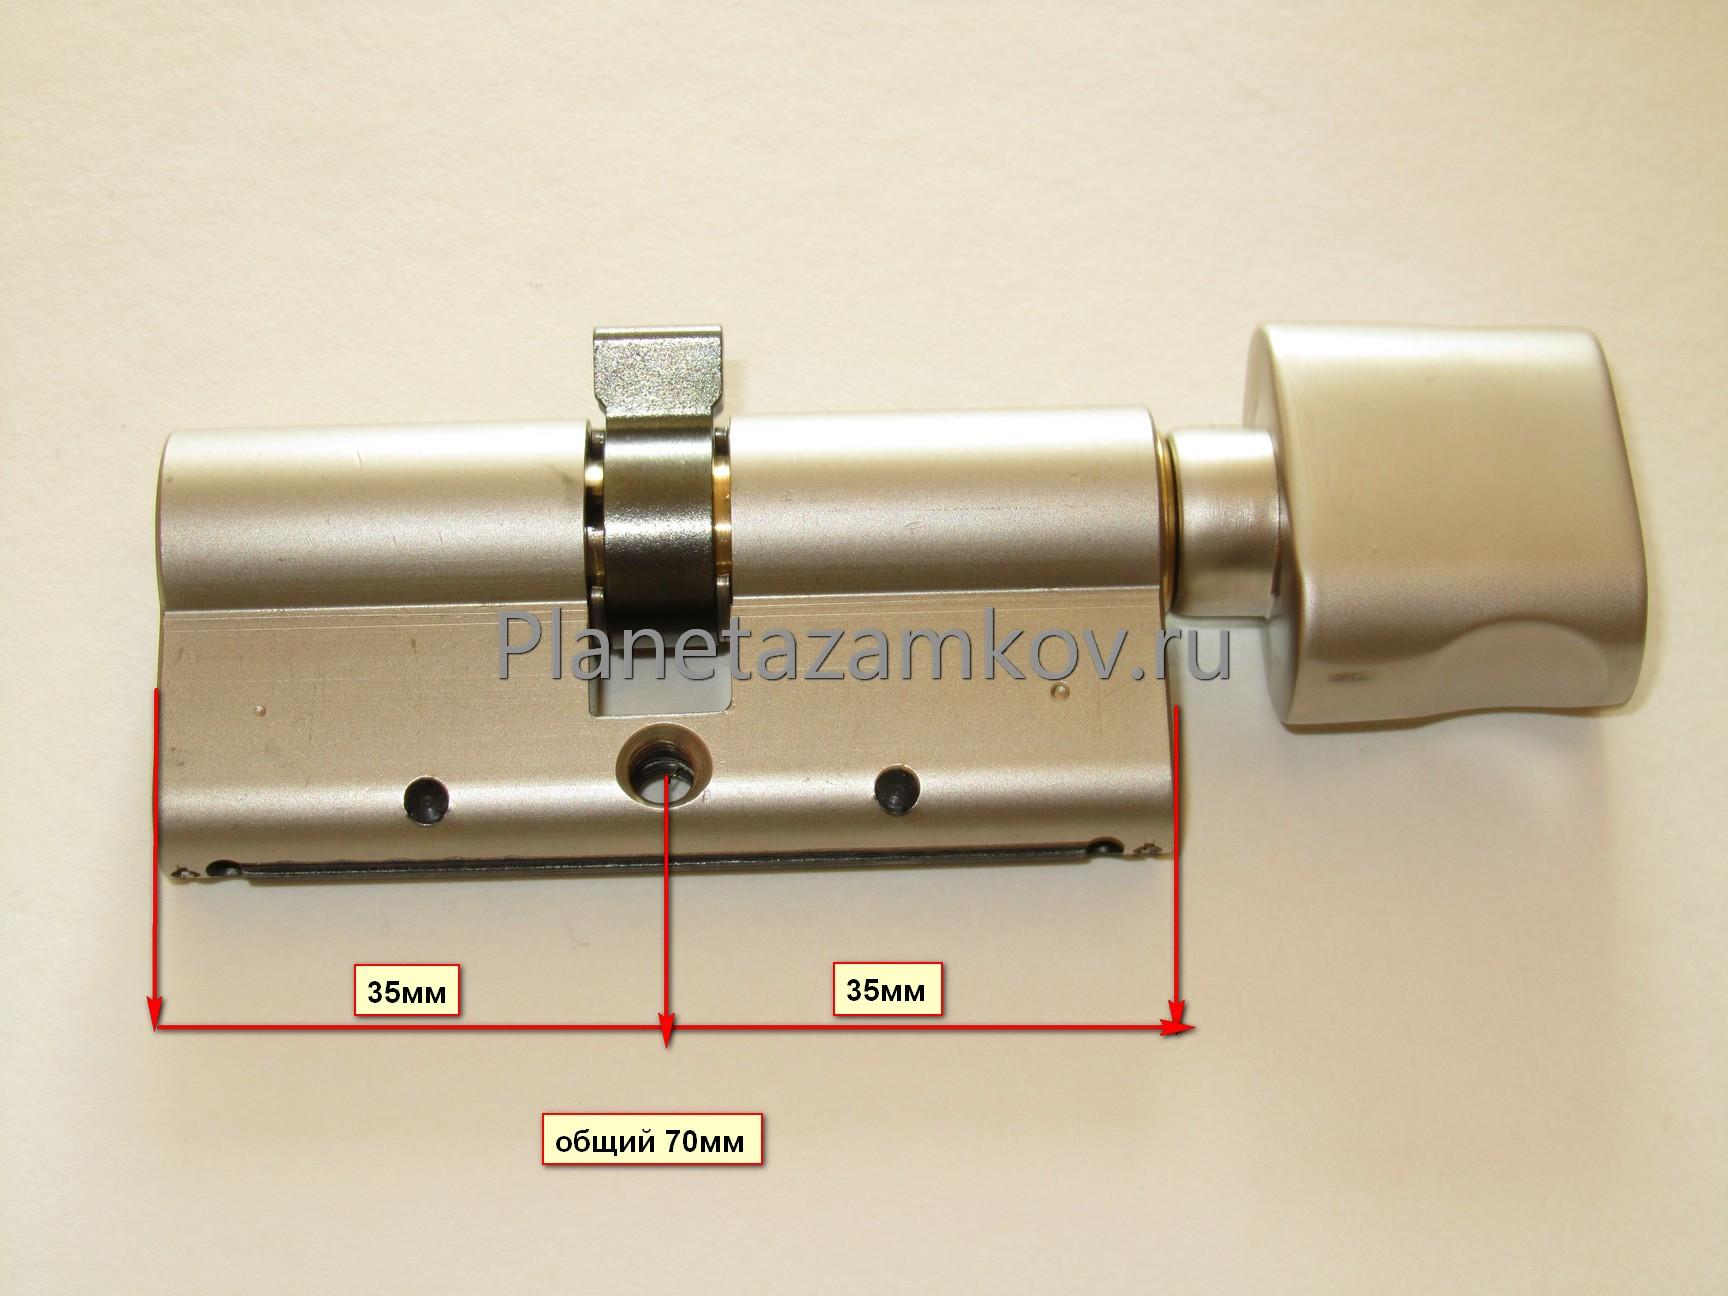 Цилиндровый механизм Мультилок МТ5 размер